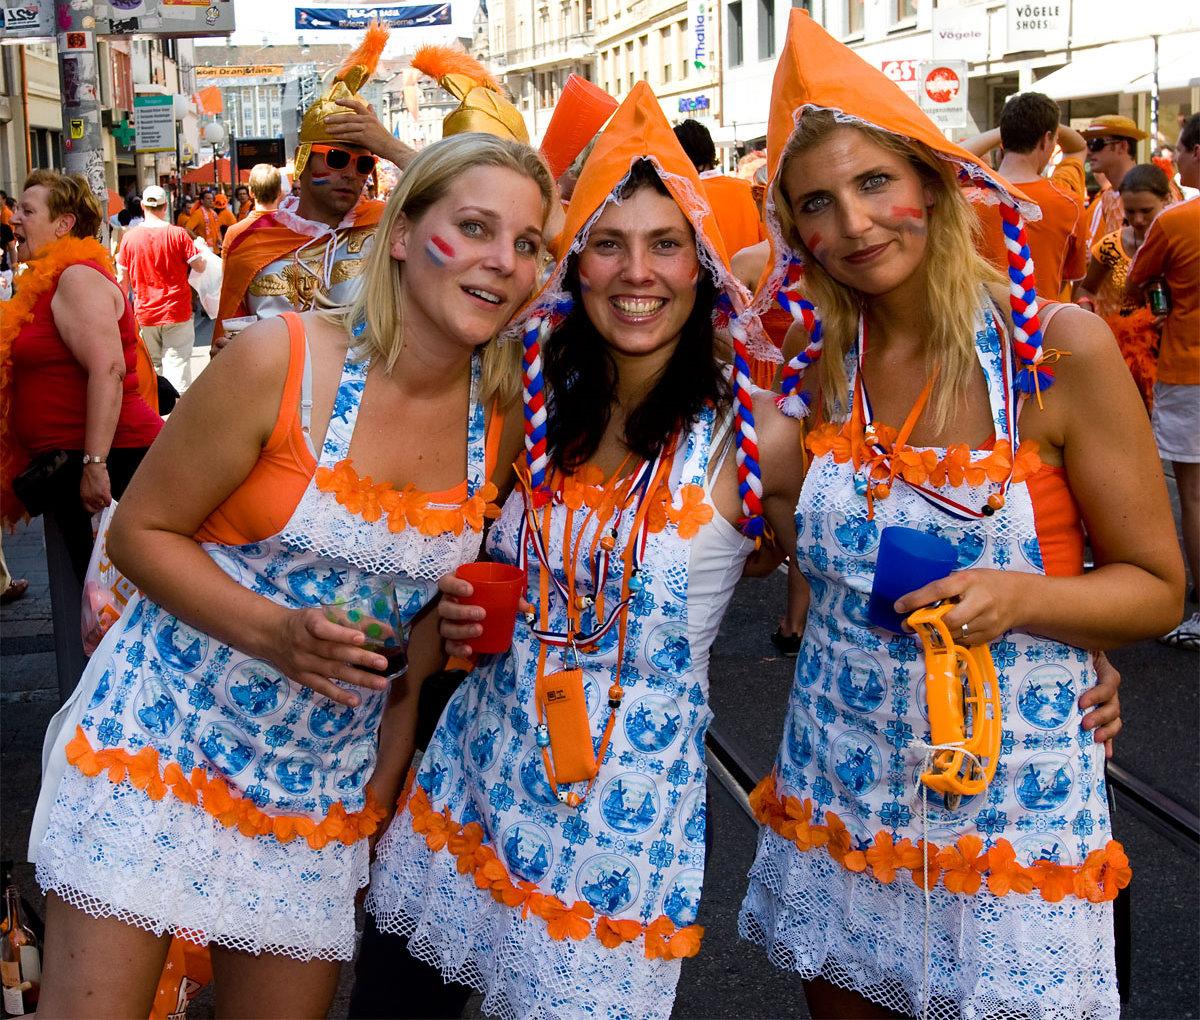 http://3.bp.blogspot.com/-0QFvZ61VICQ/Te3-AKN-gaI/AAAAAAAAAAg/8UmPgL9kGks/s1600/dutch-girls-03.jpg